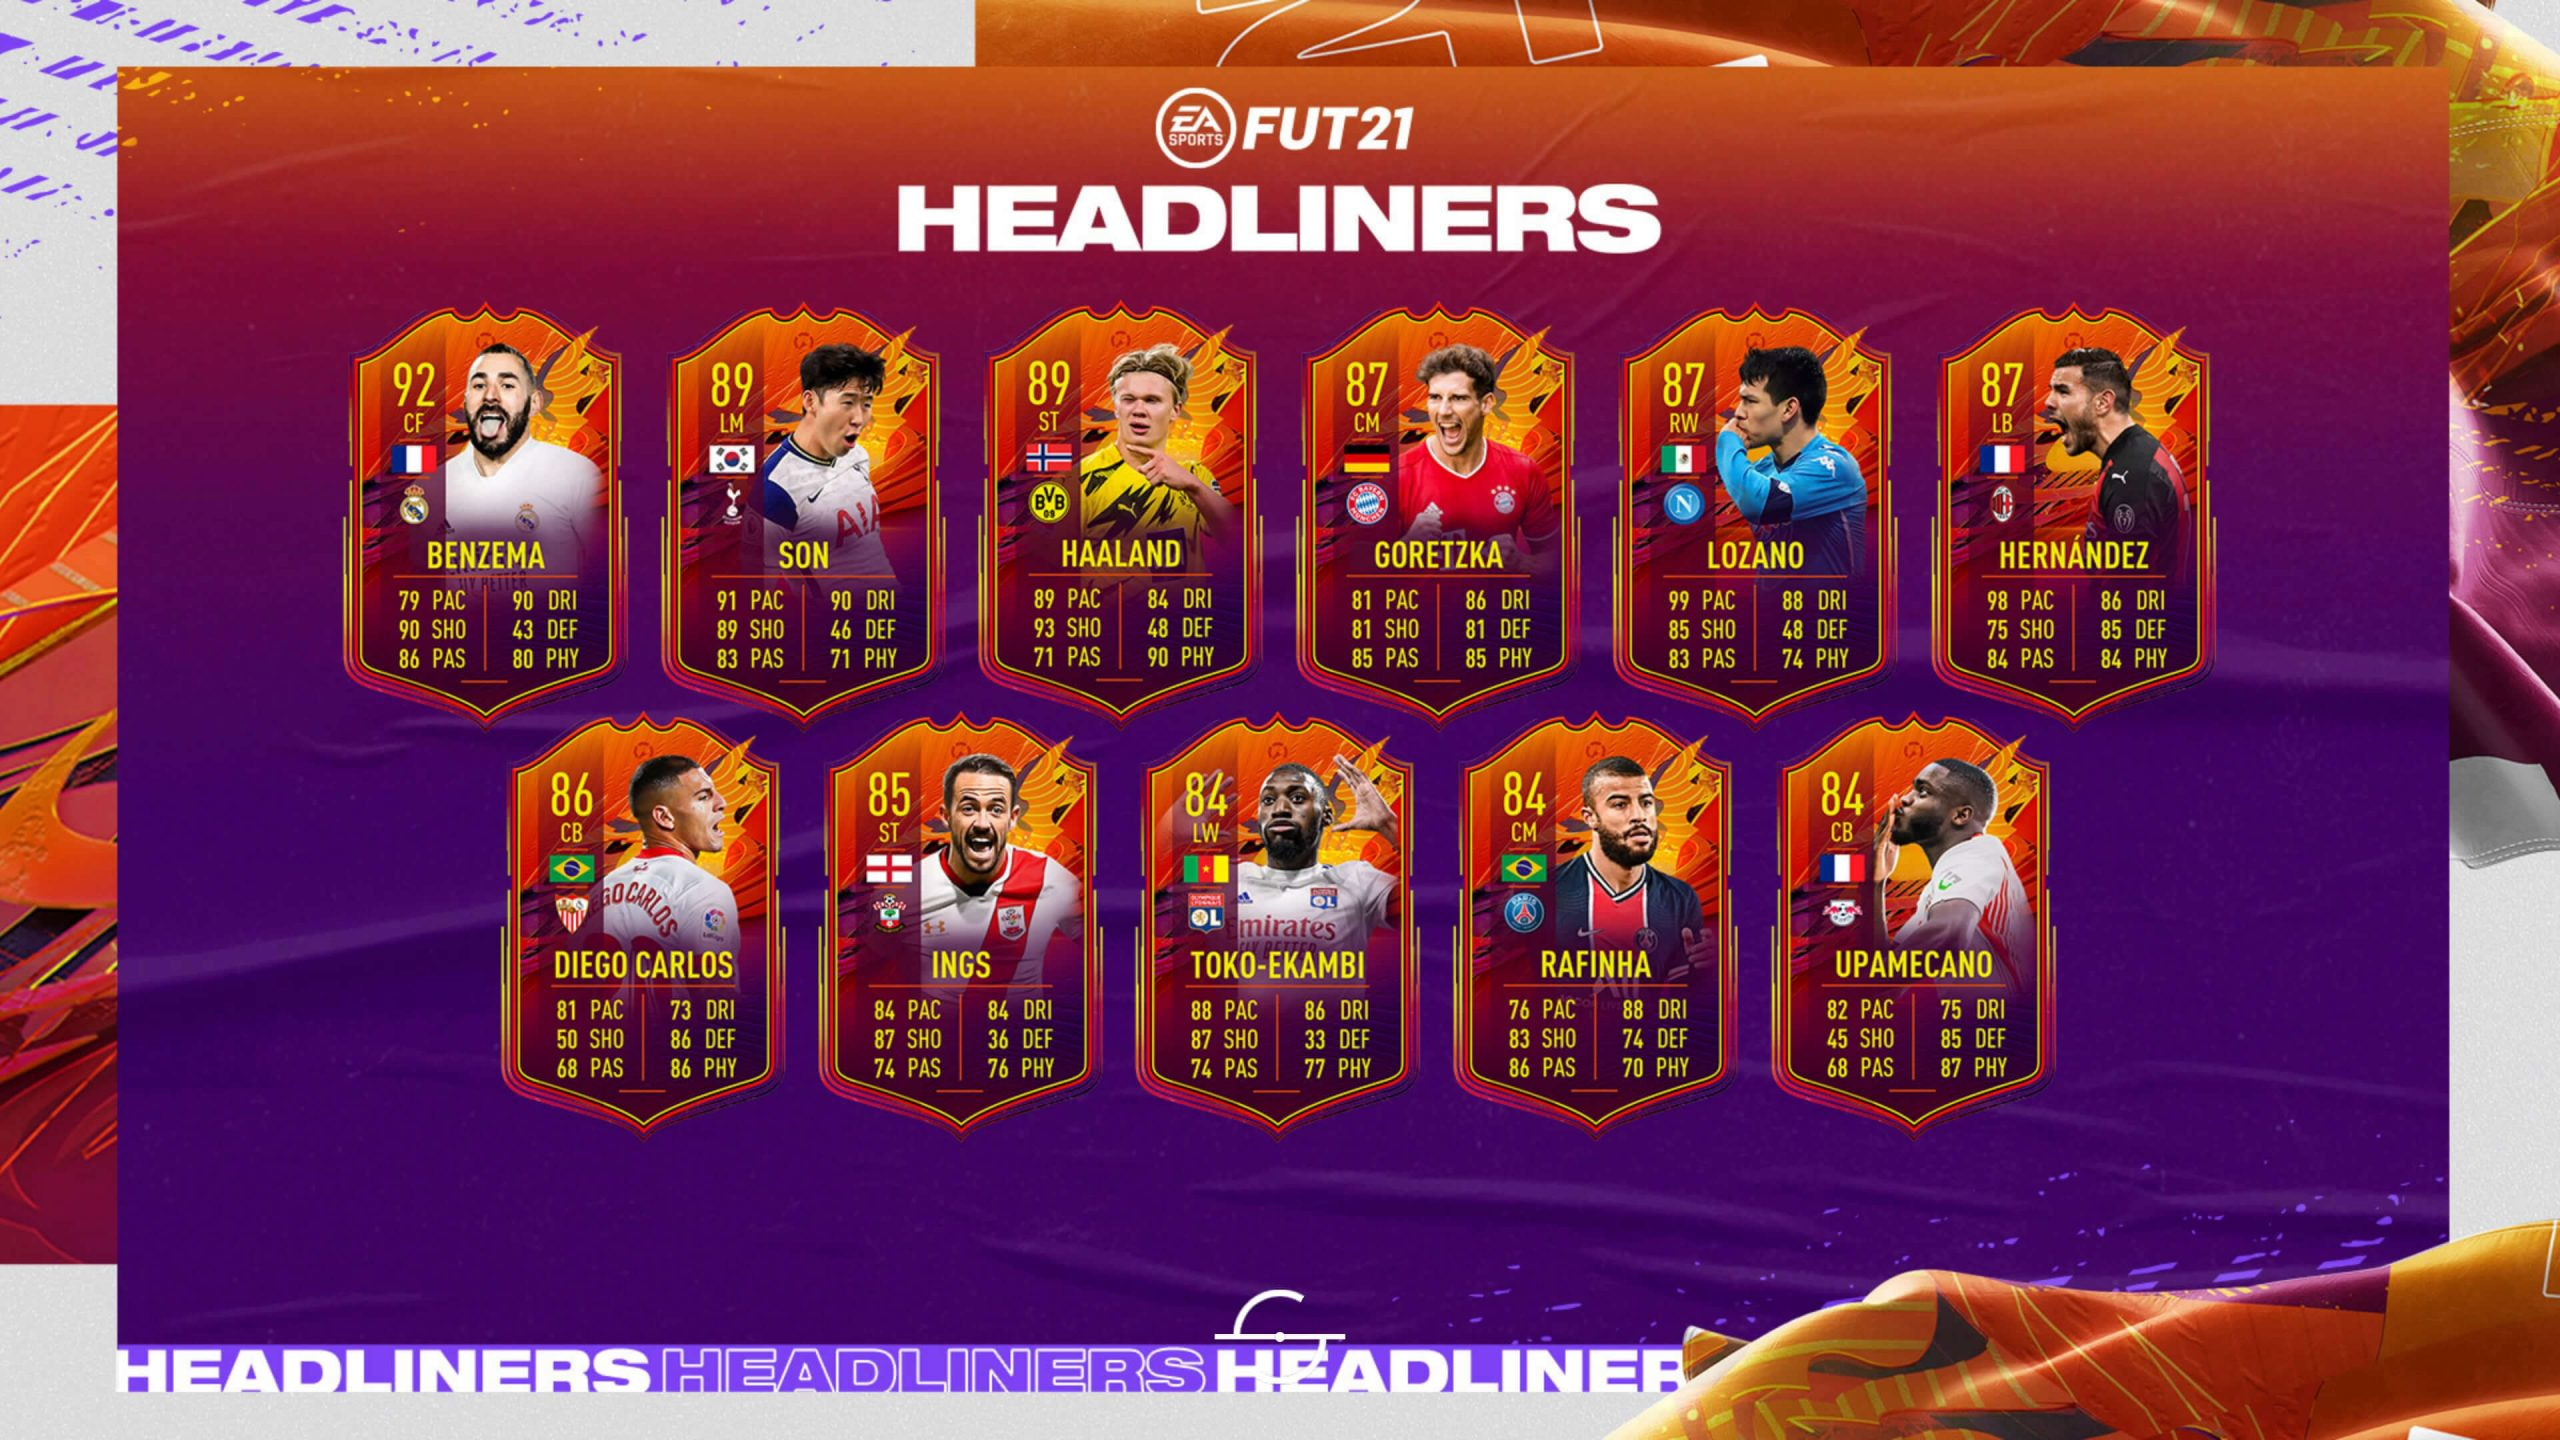 Segundo equipo de los Headliners de FIFA 21